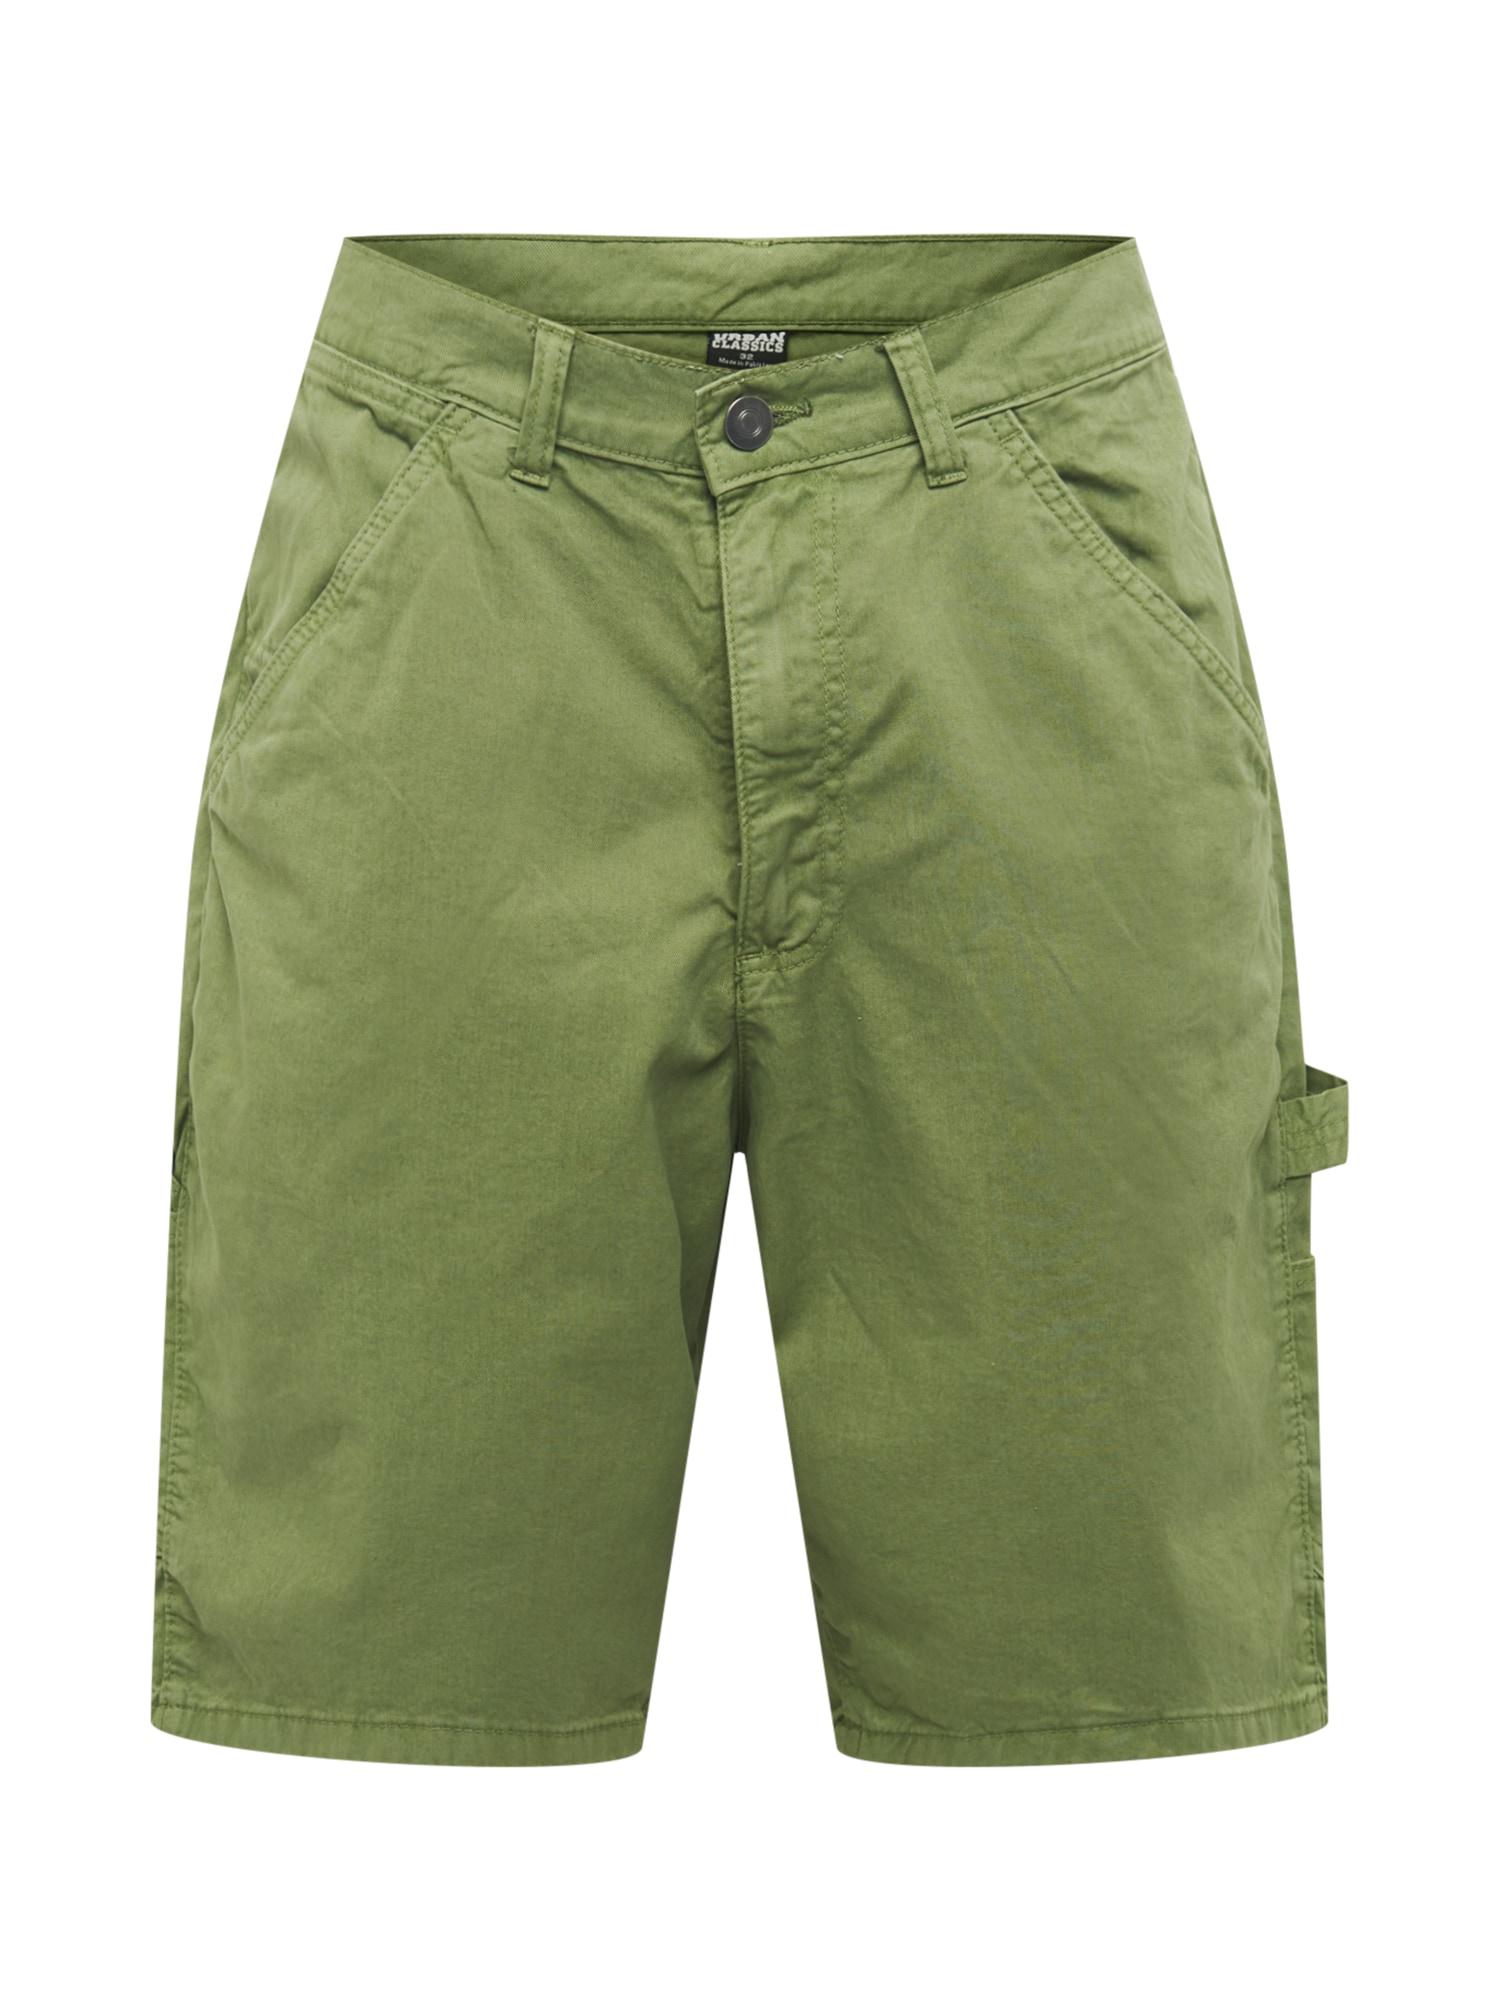 Urban Classics Darbinio stiliaus džinsai šviesiai žalia